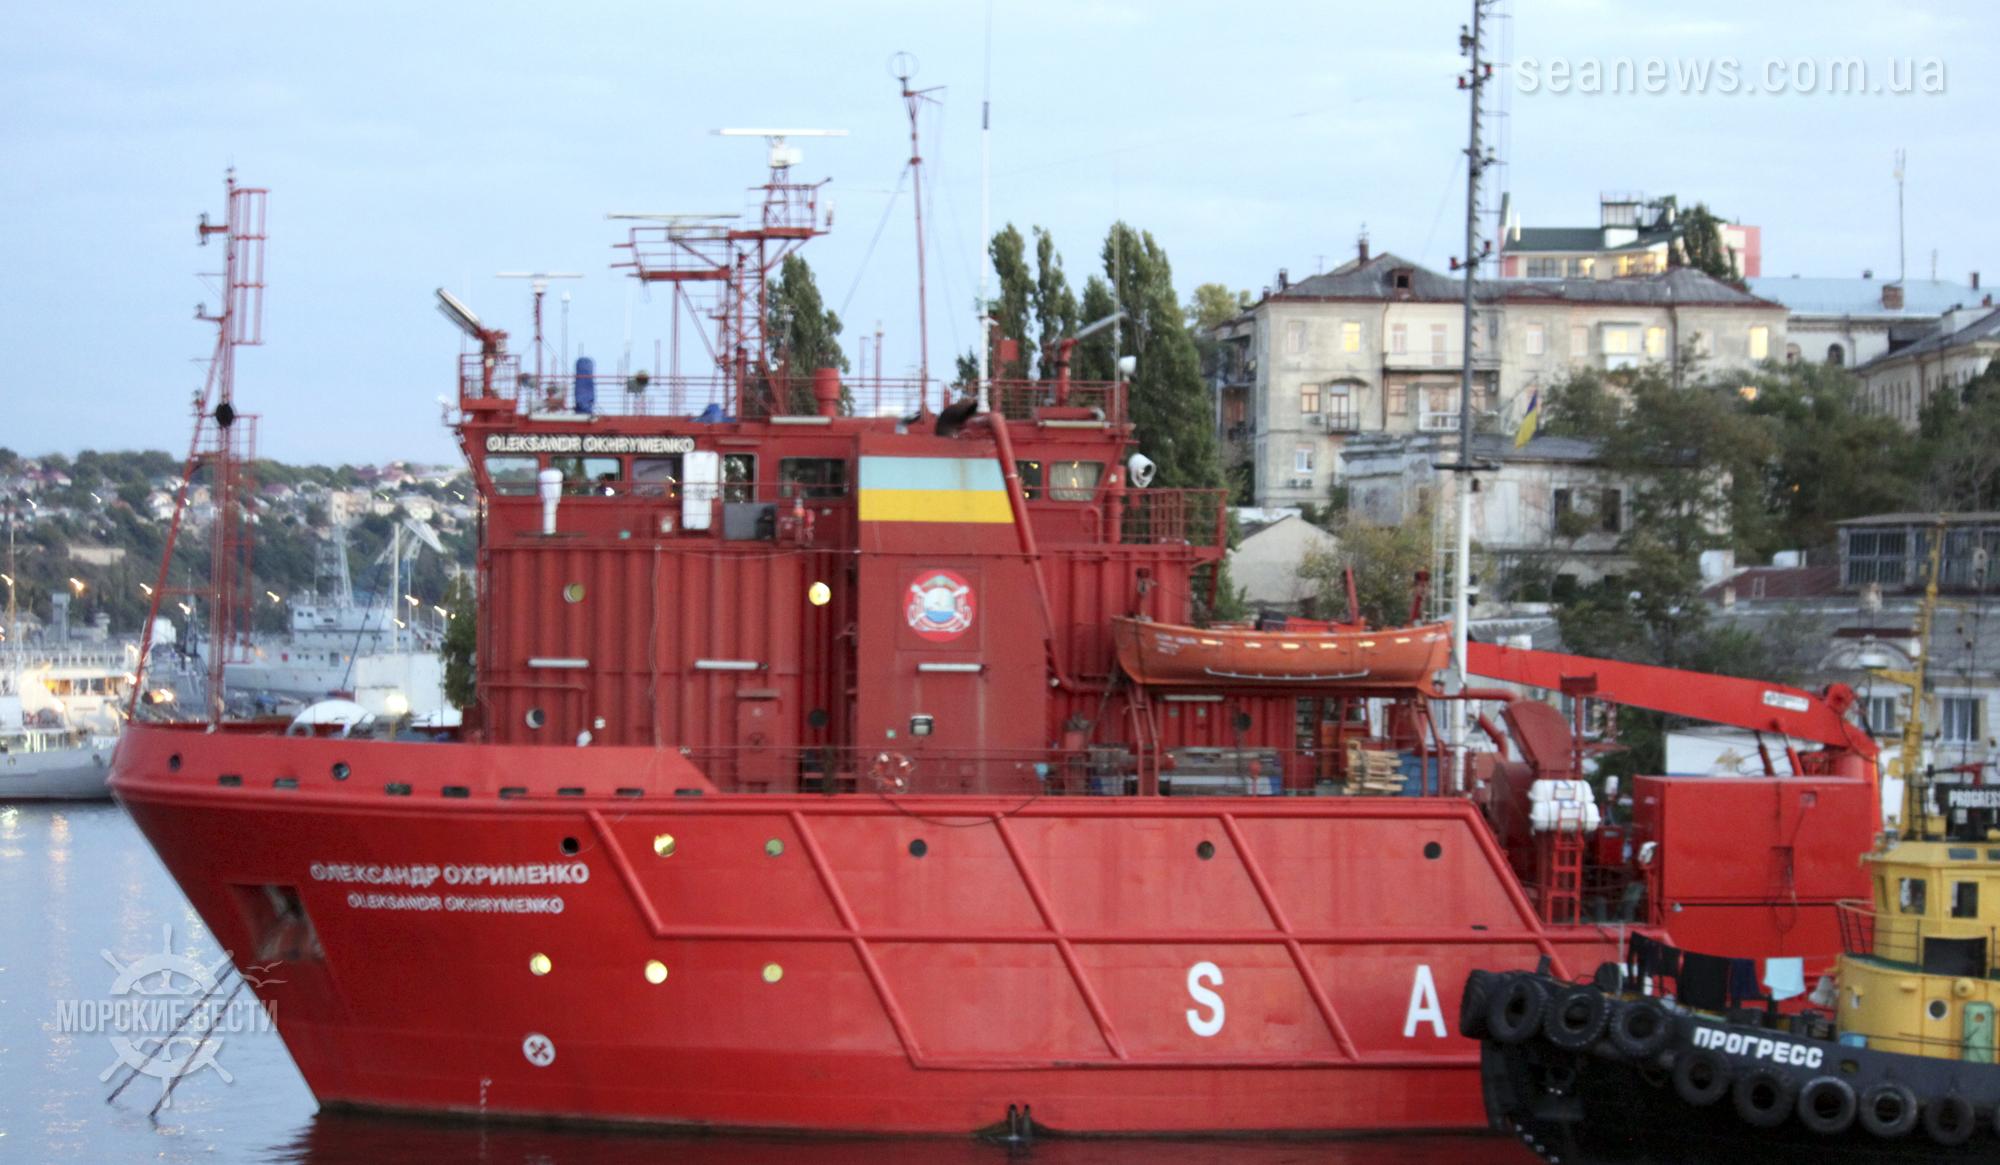 Министерство инфраструктуры Украины передаст военному флоту аварийно-спасательное судно